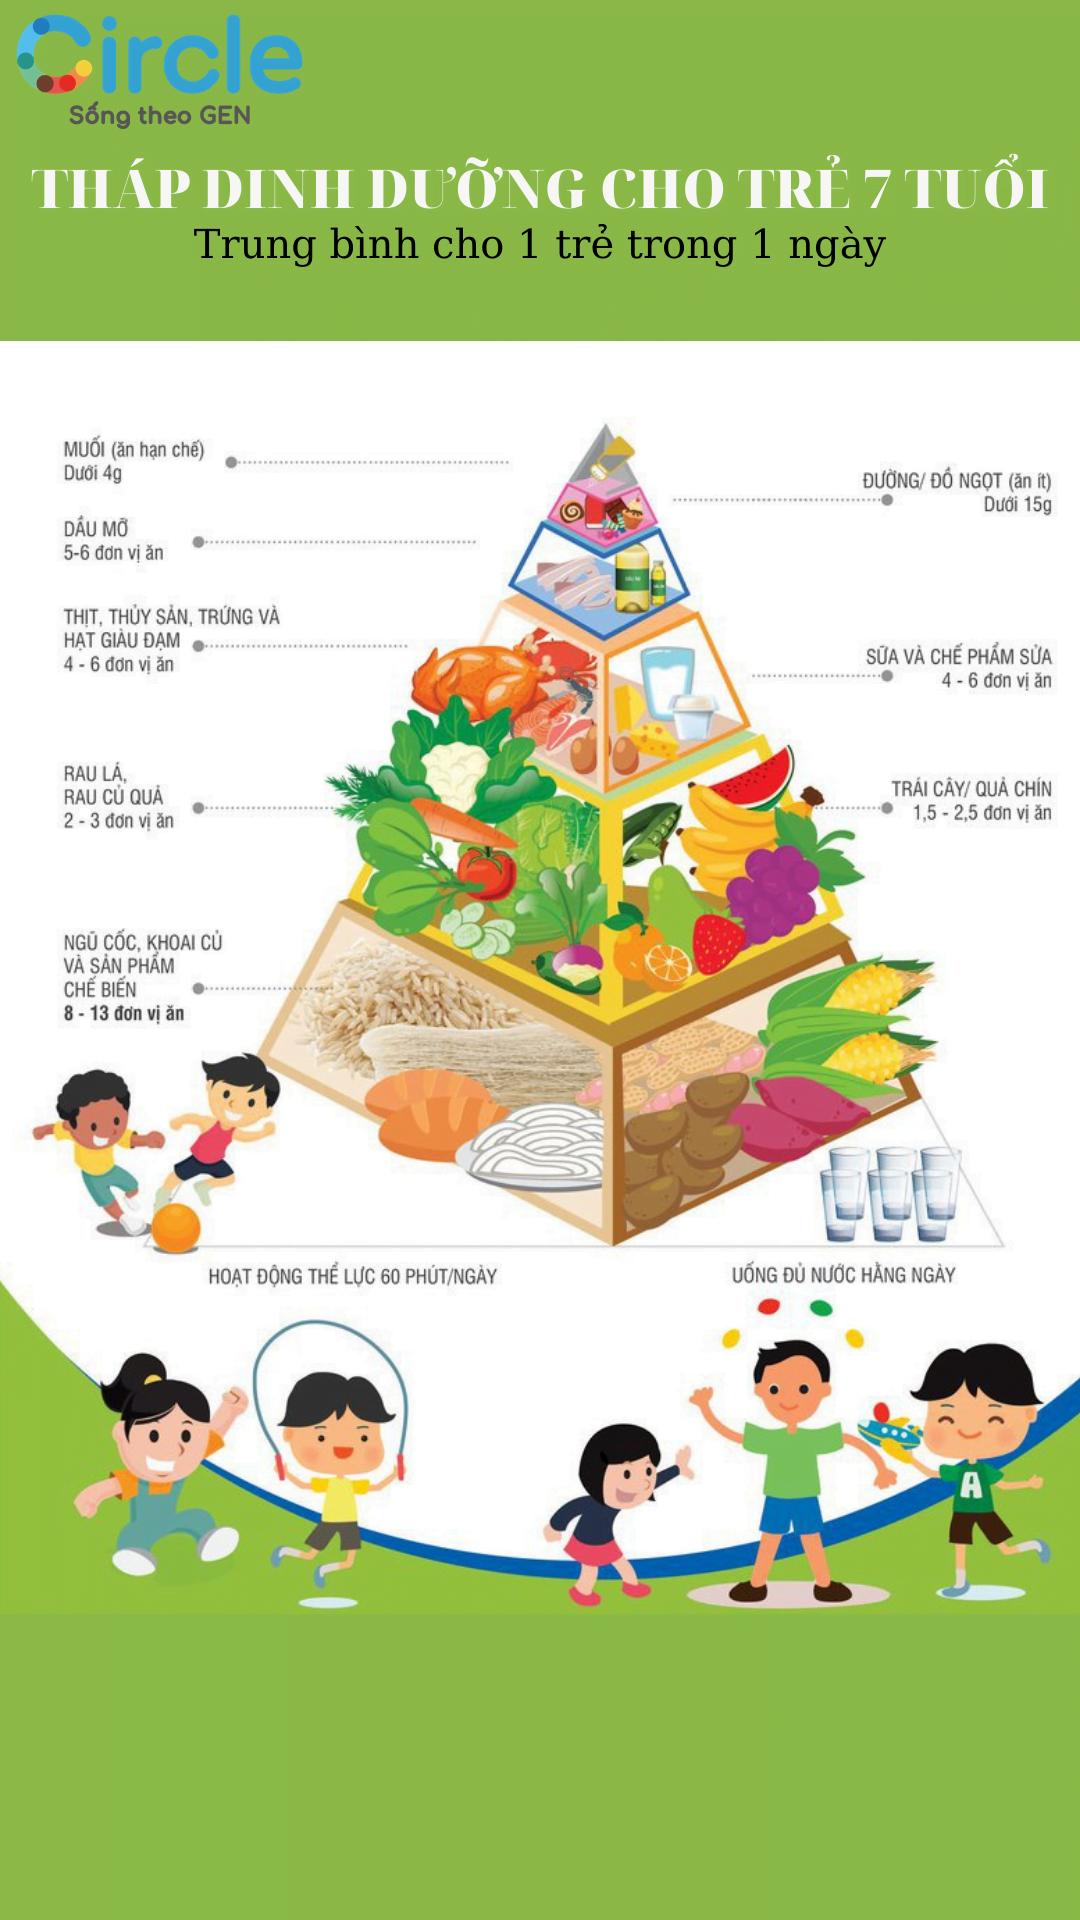 Tháp dinh dưỡng - công cụ giúp mẹ xây dựng một chế độ ăn dinh dưỡng đầy đủ cho trẻ 7 tuổi.